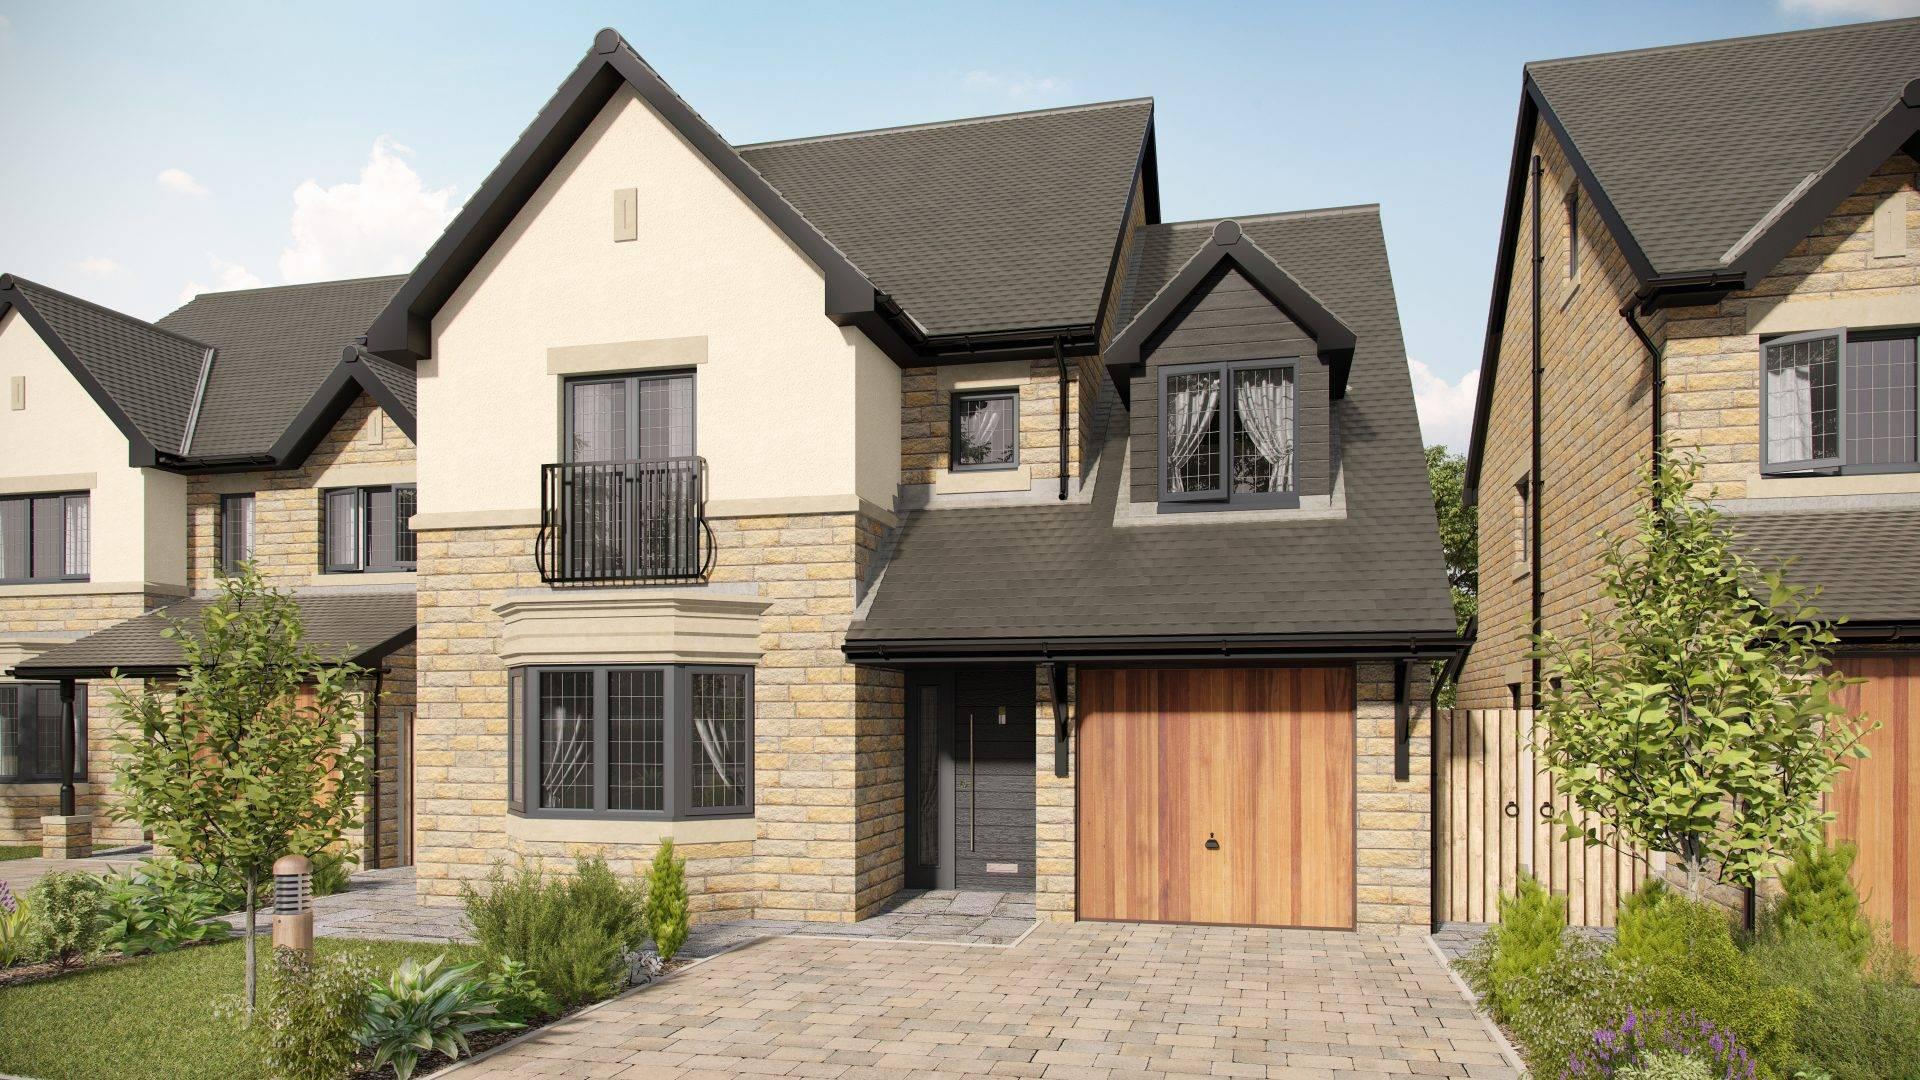 Lytham - Wyre Grange